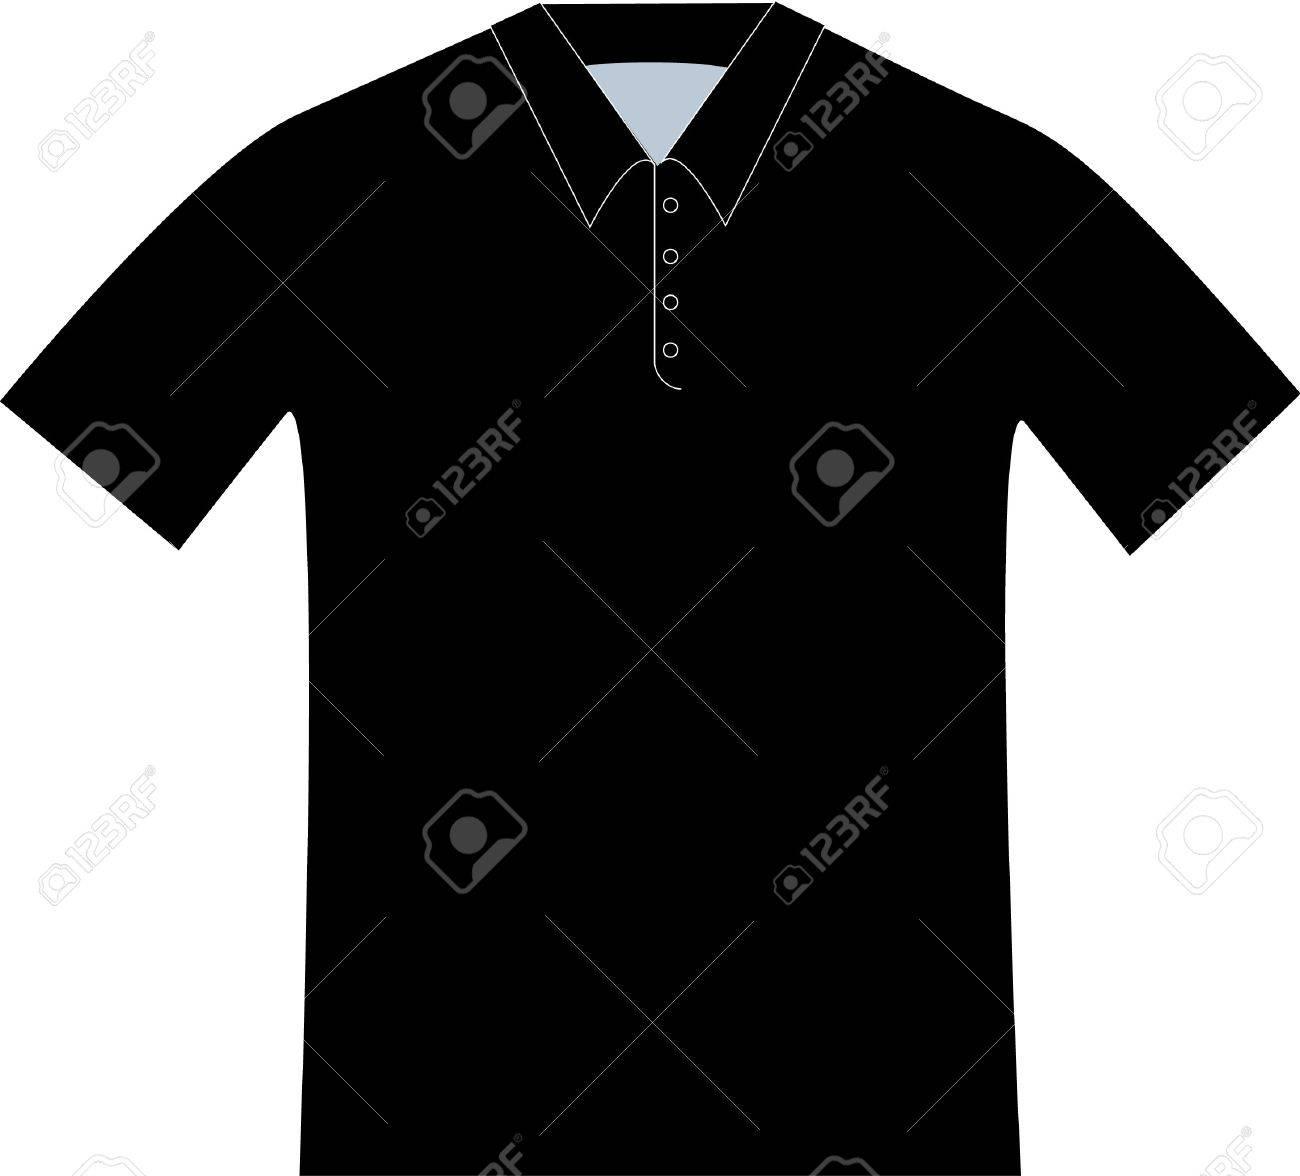 Dessin polo vetement - Motif Dessin D Une Chemise Polo Noir Banque D Images 4201869